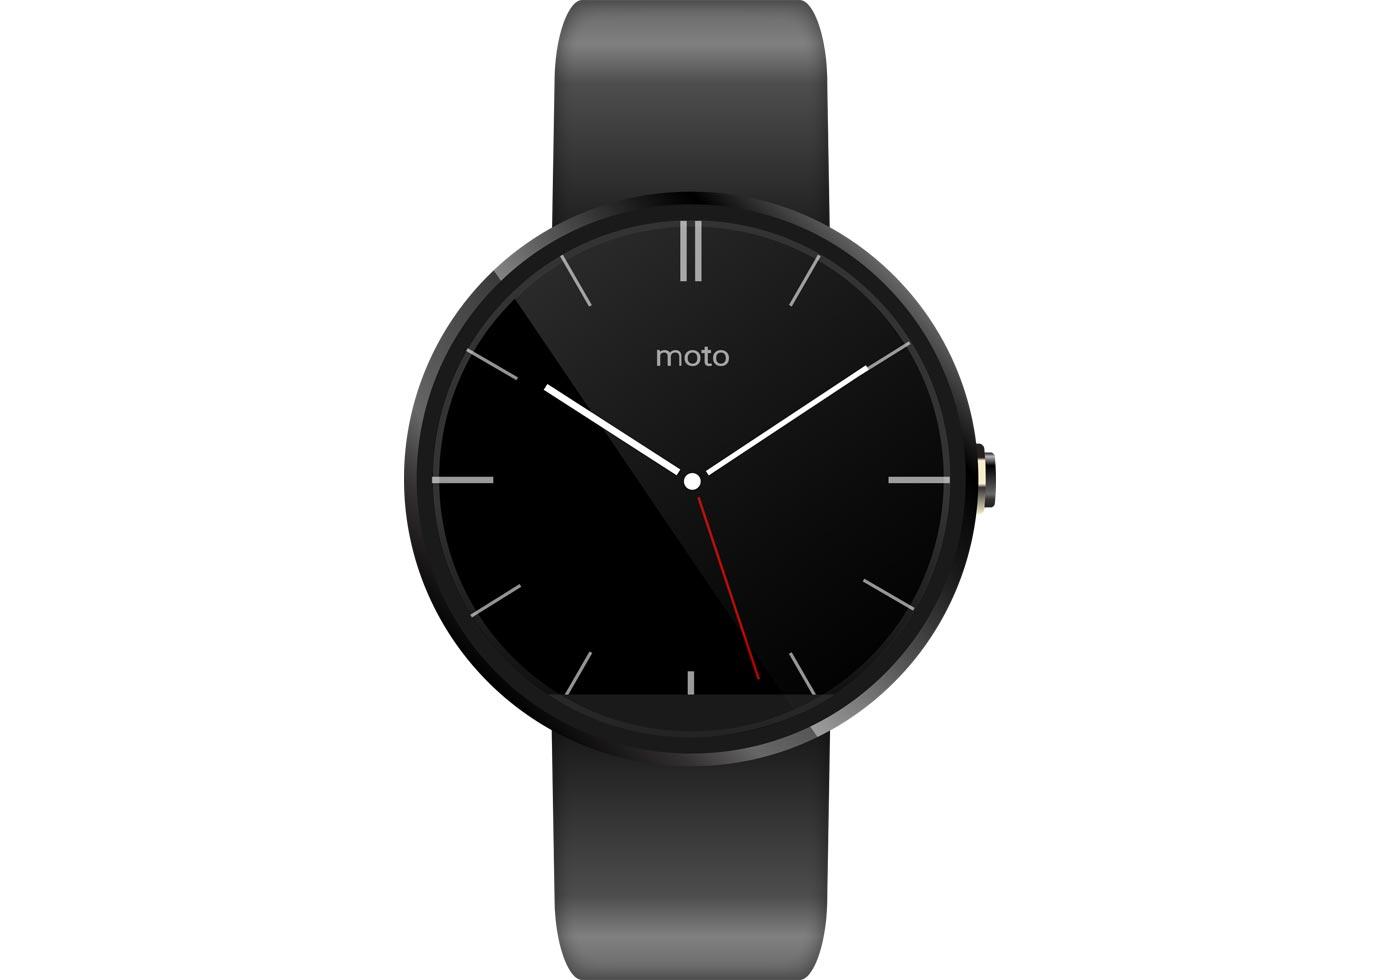 Moto 360 Watch Vector